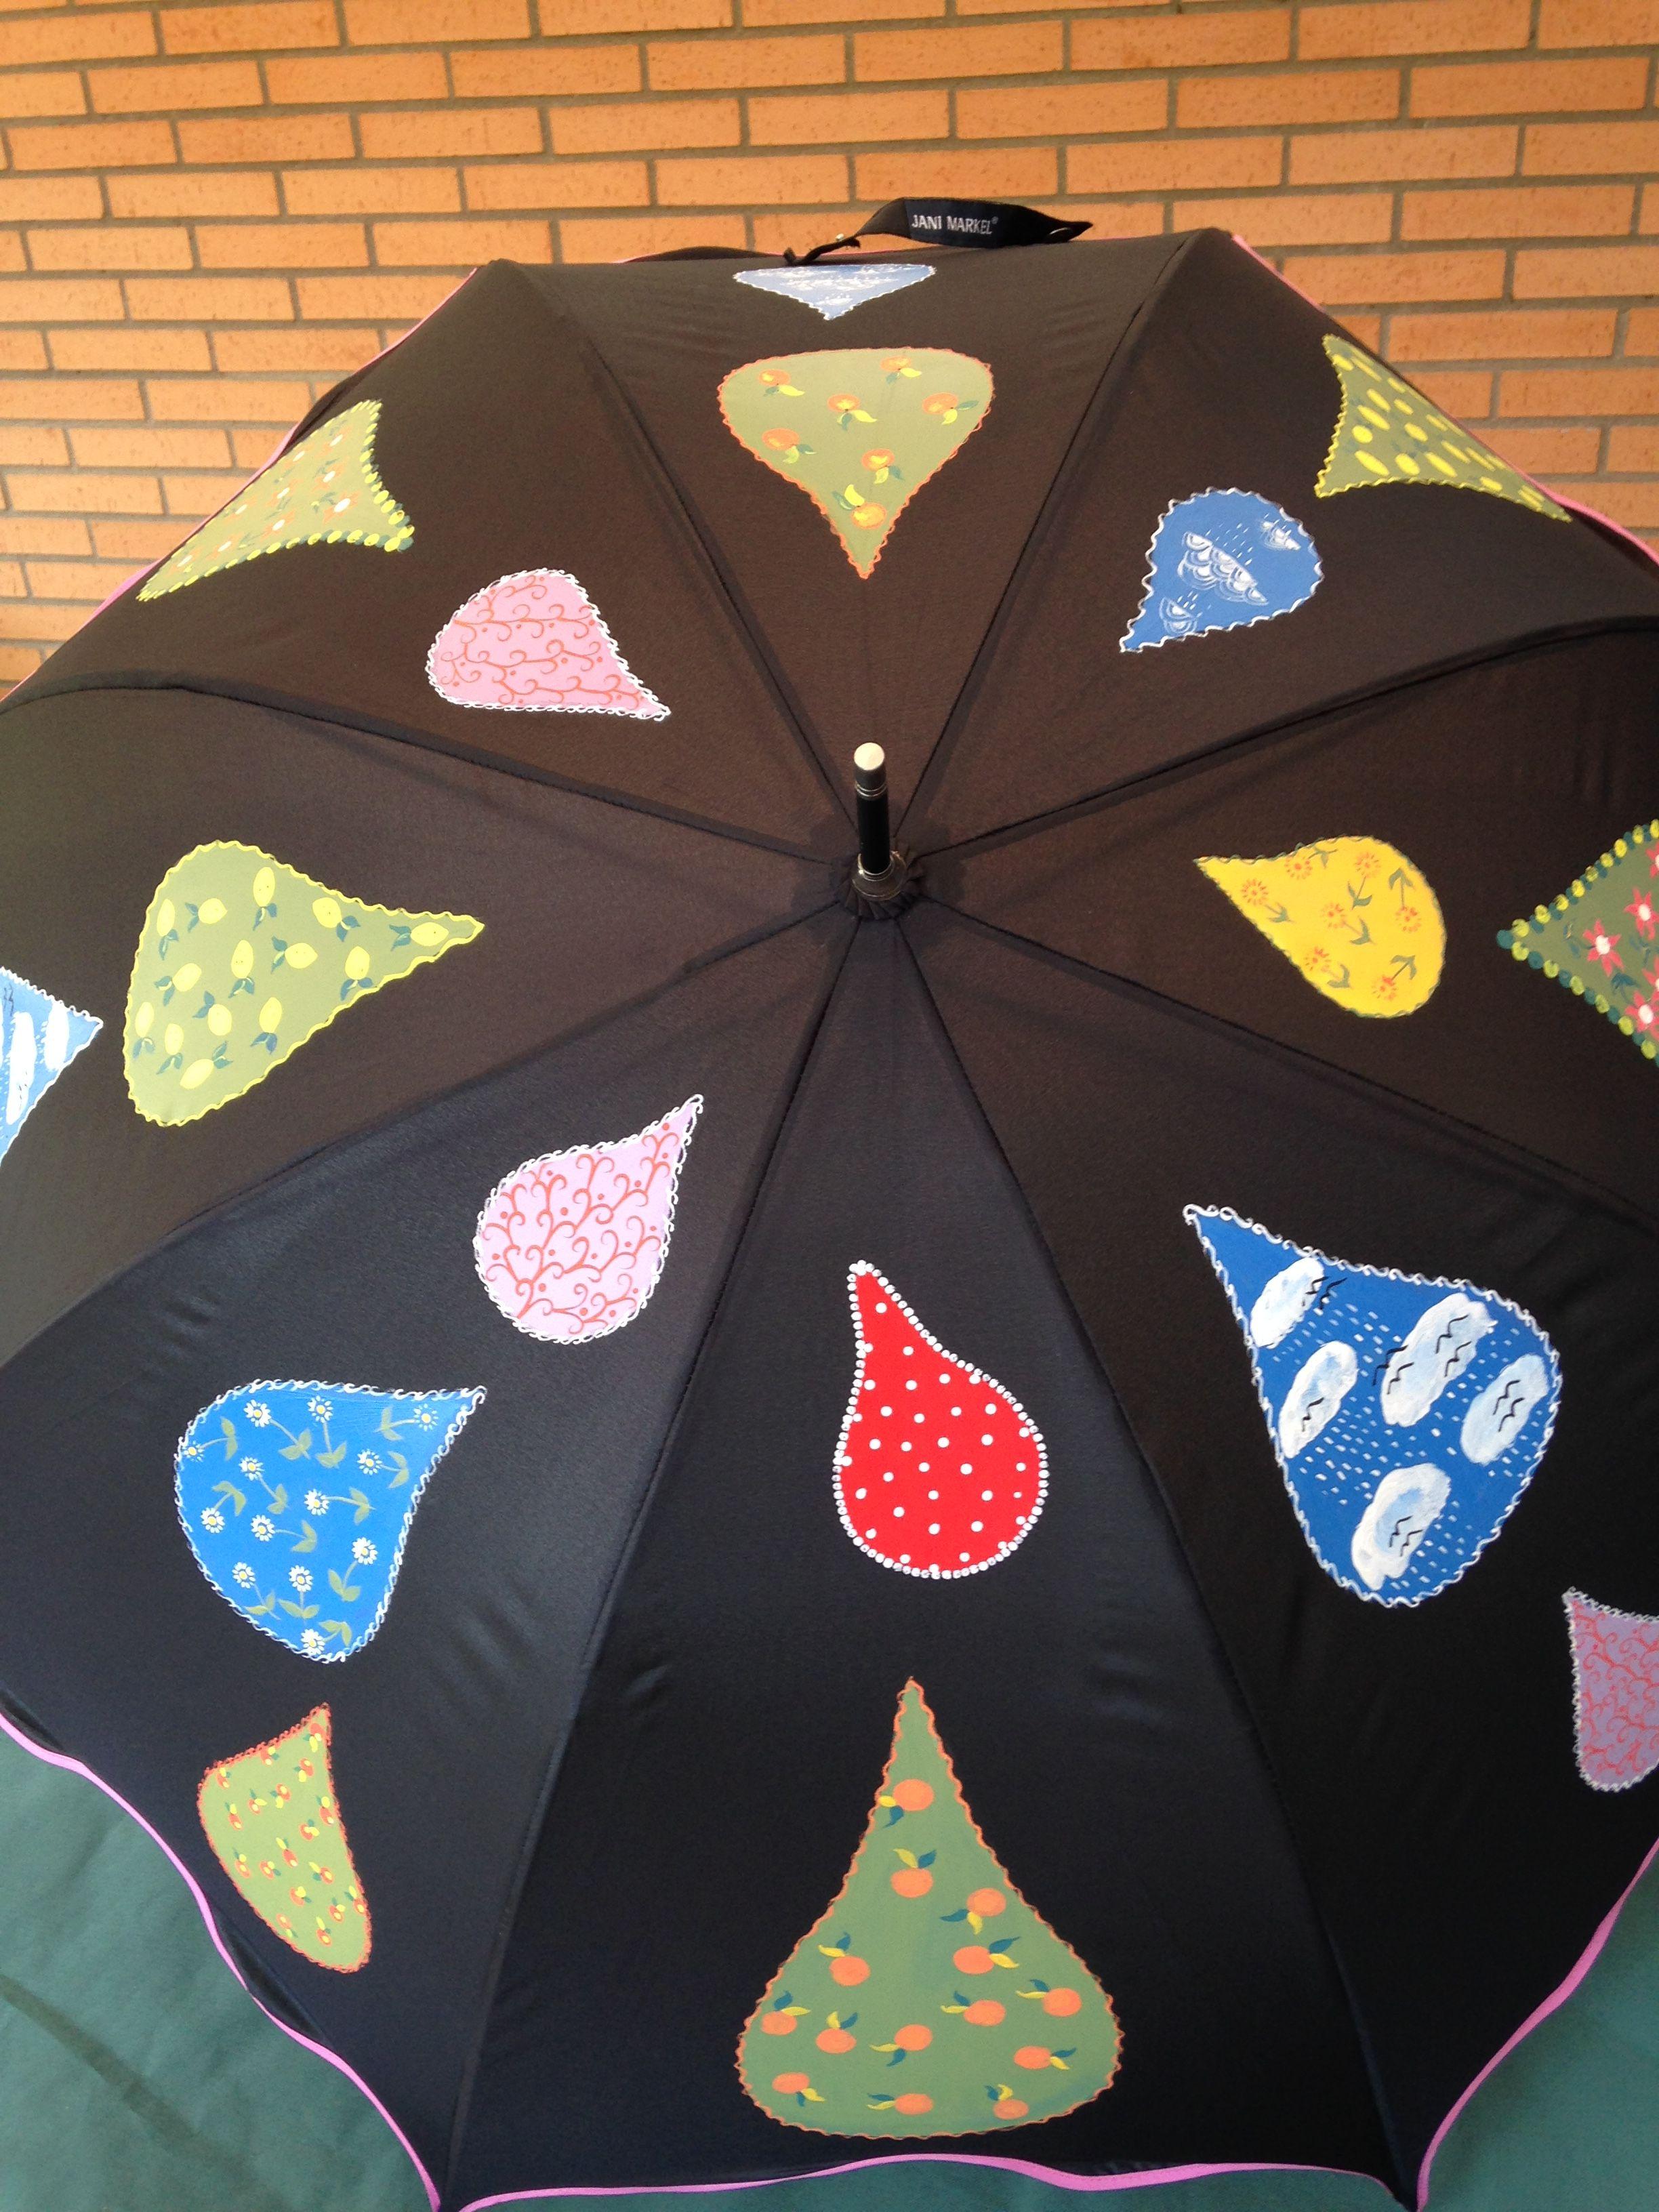 Paraguas Pintado A Mano Con Gotas De Lluvia Paraguas Manualidades Dia De La Paz